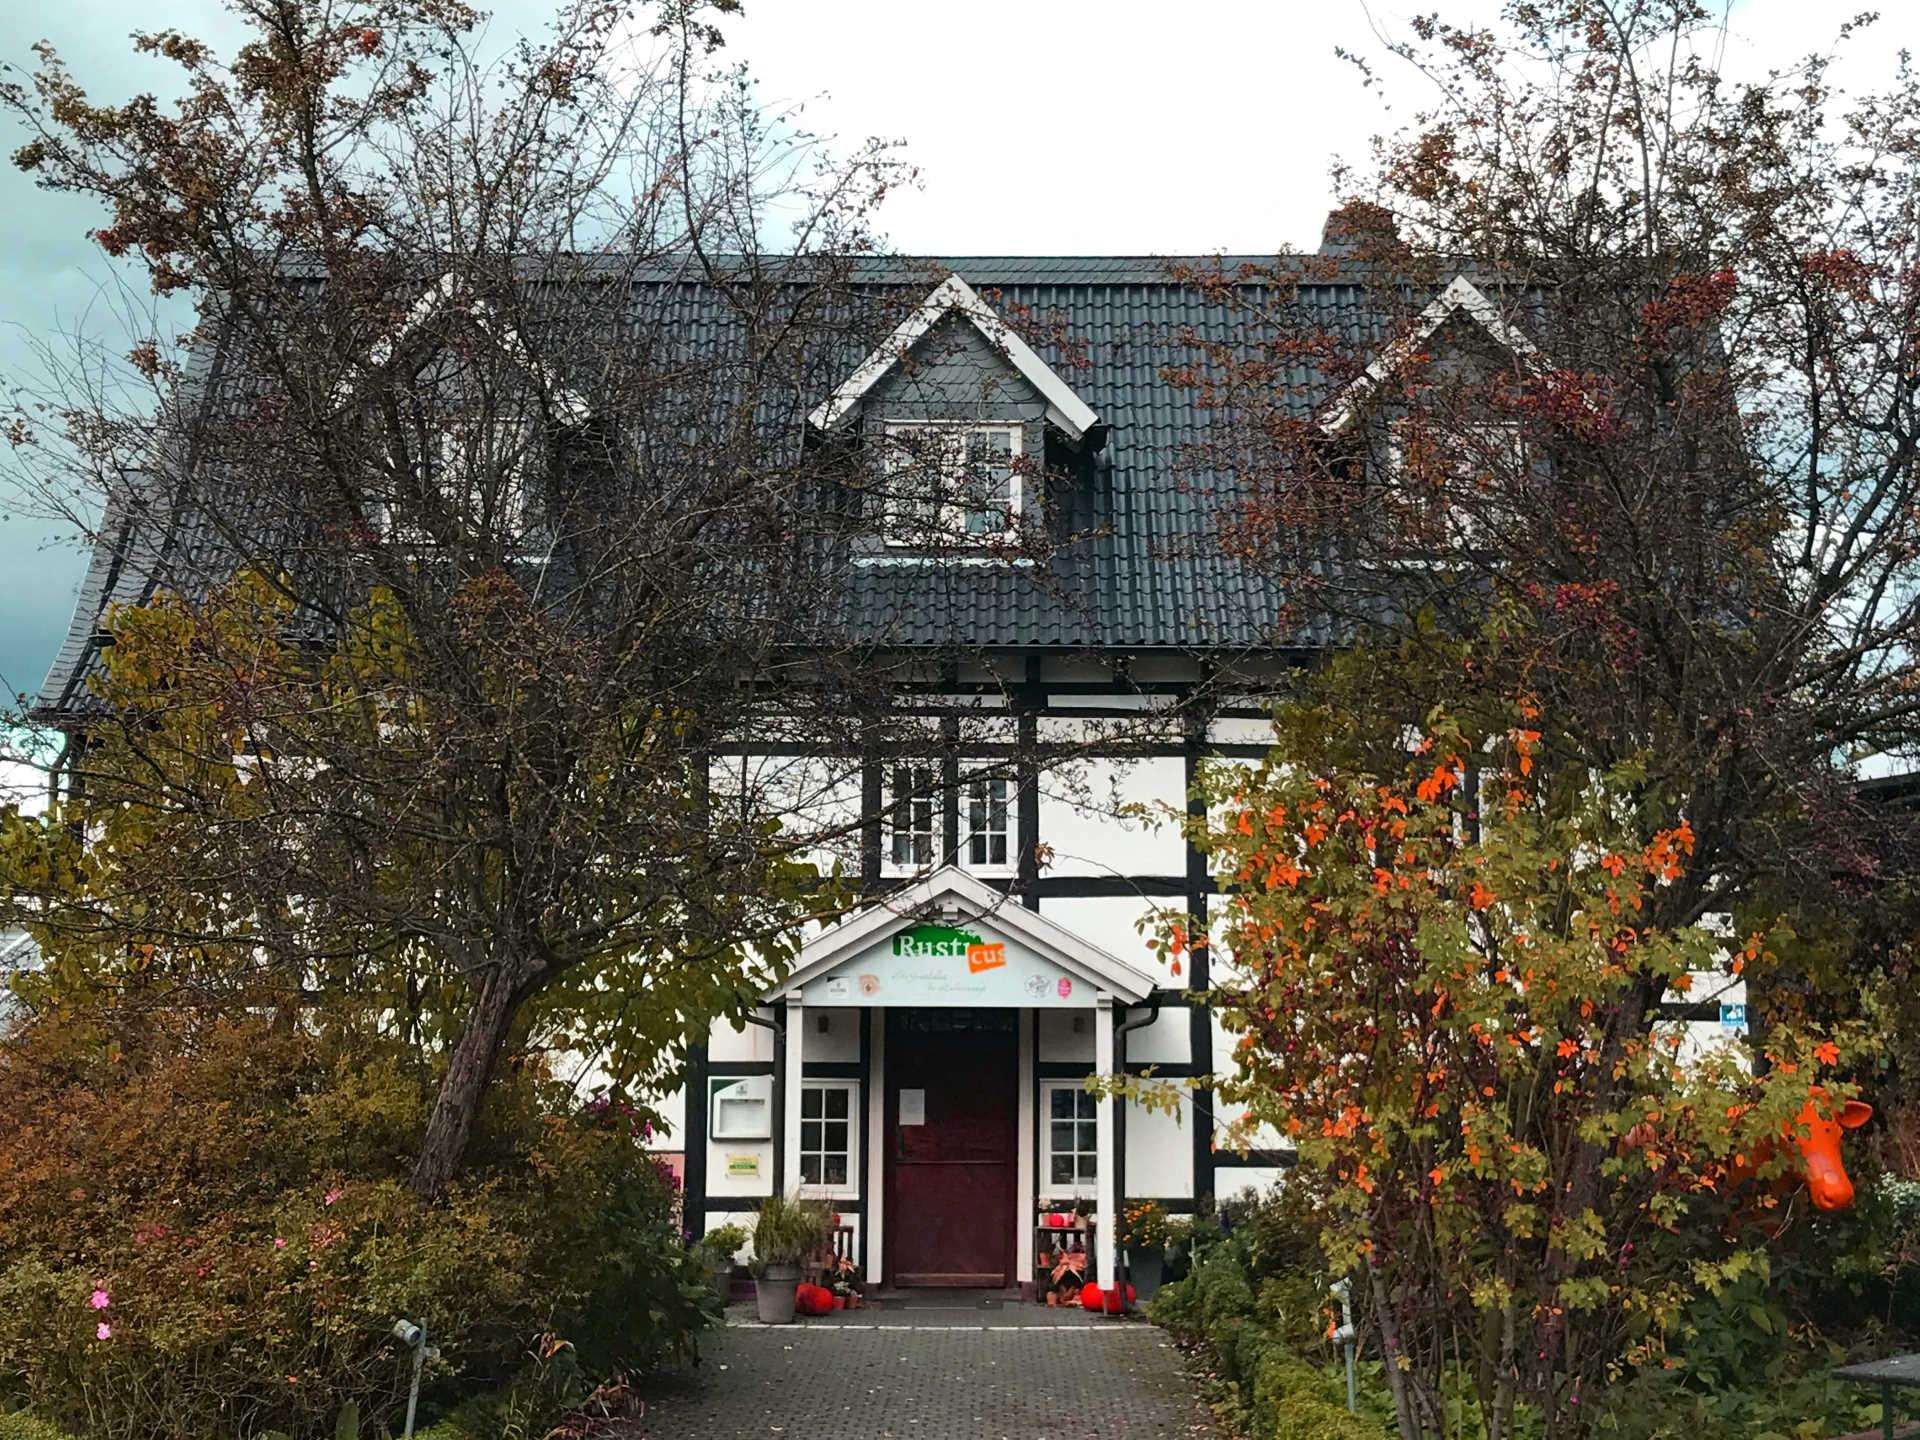 Bauernhofgastronomie Rusticus - Hielscher Hof - Hofladen ...